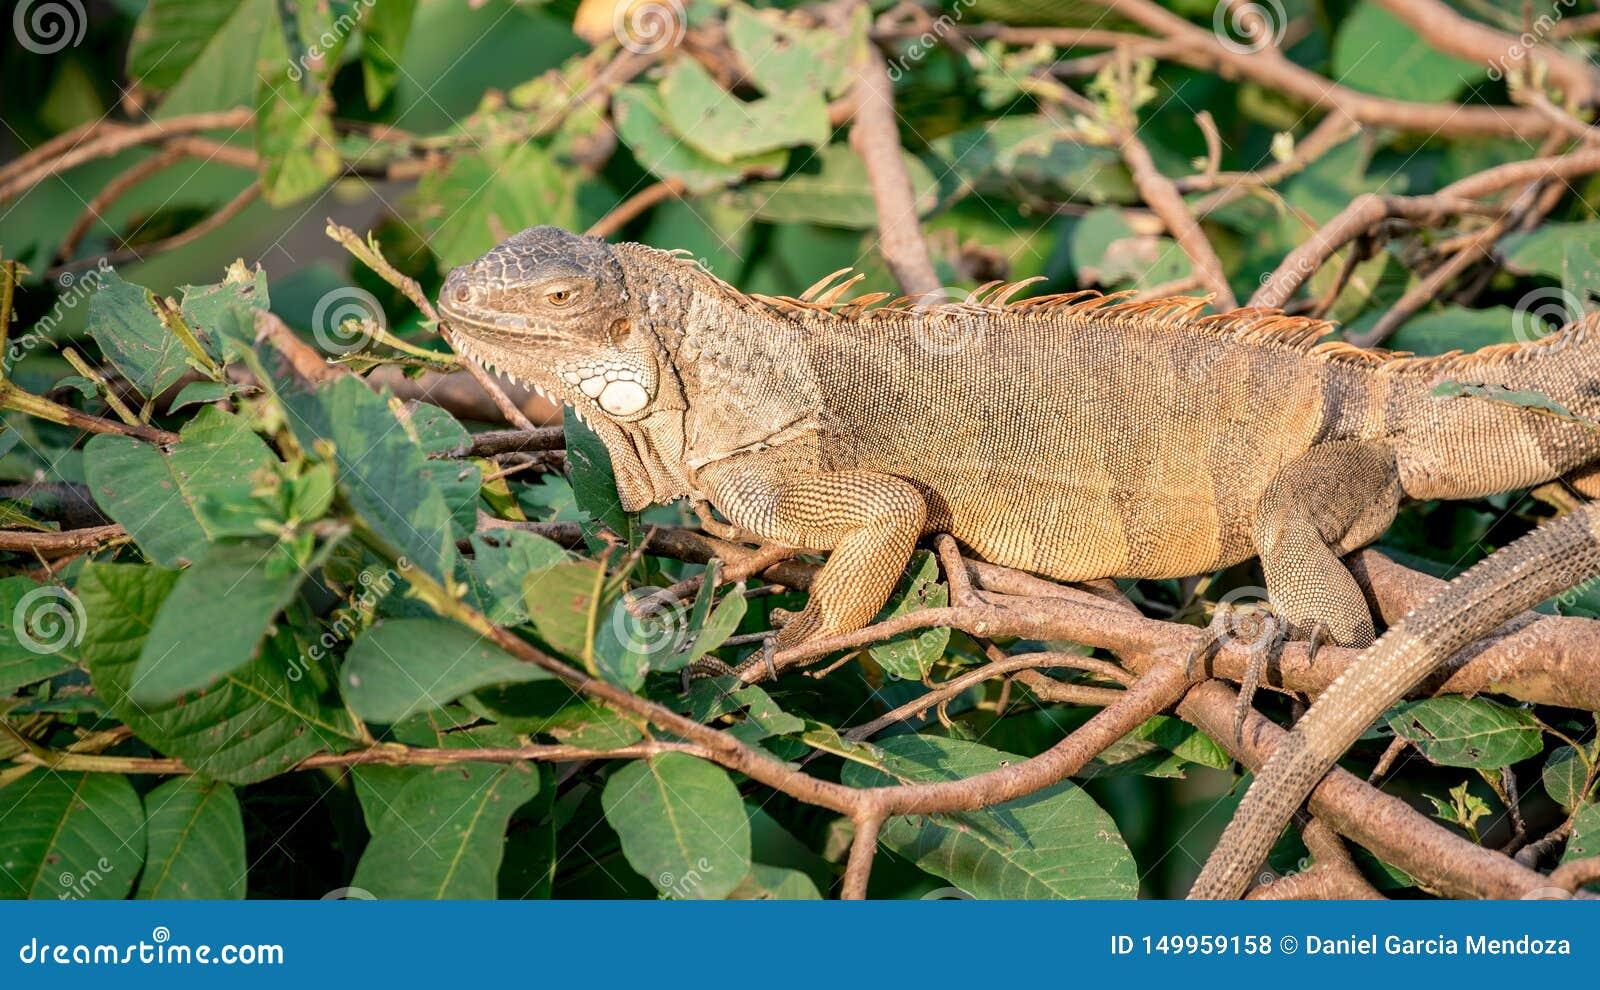 Ciérrese para arriba de una iguana verde enorme es permanente y de reclinación sobre la rama del árbol